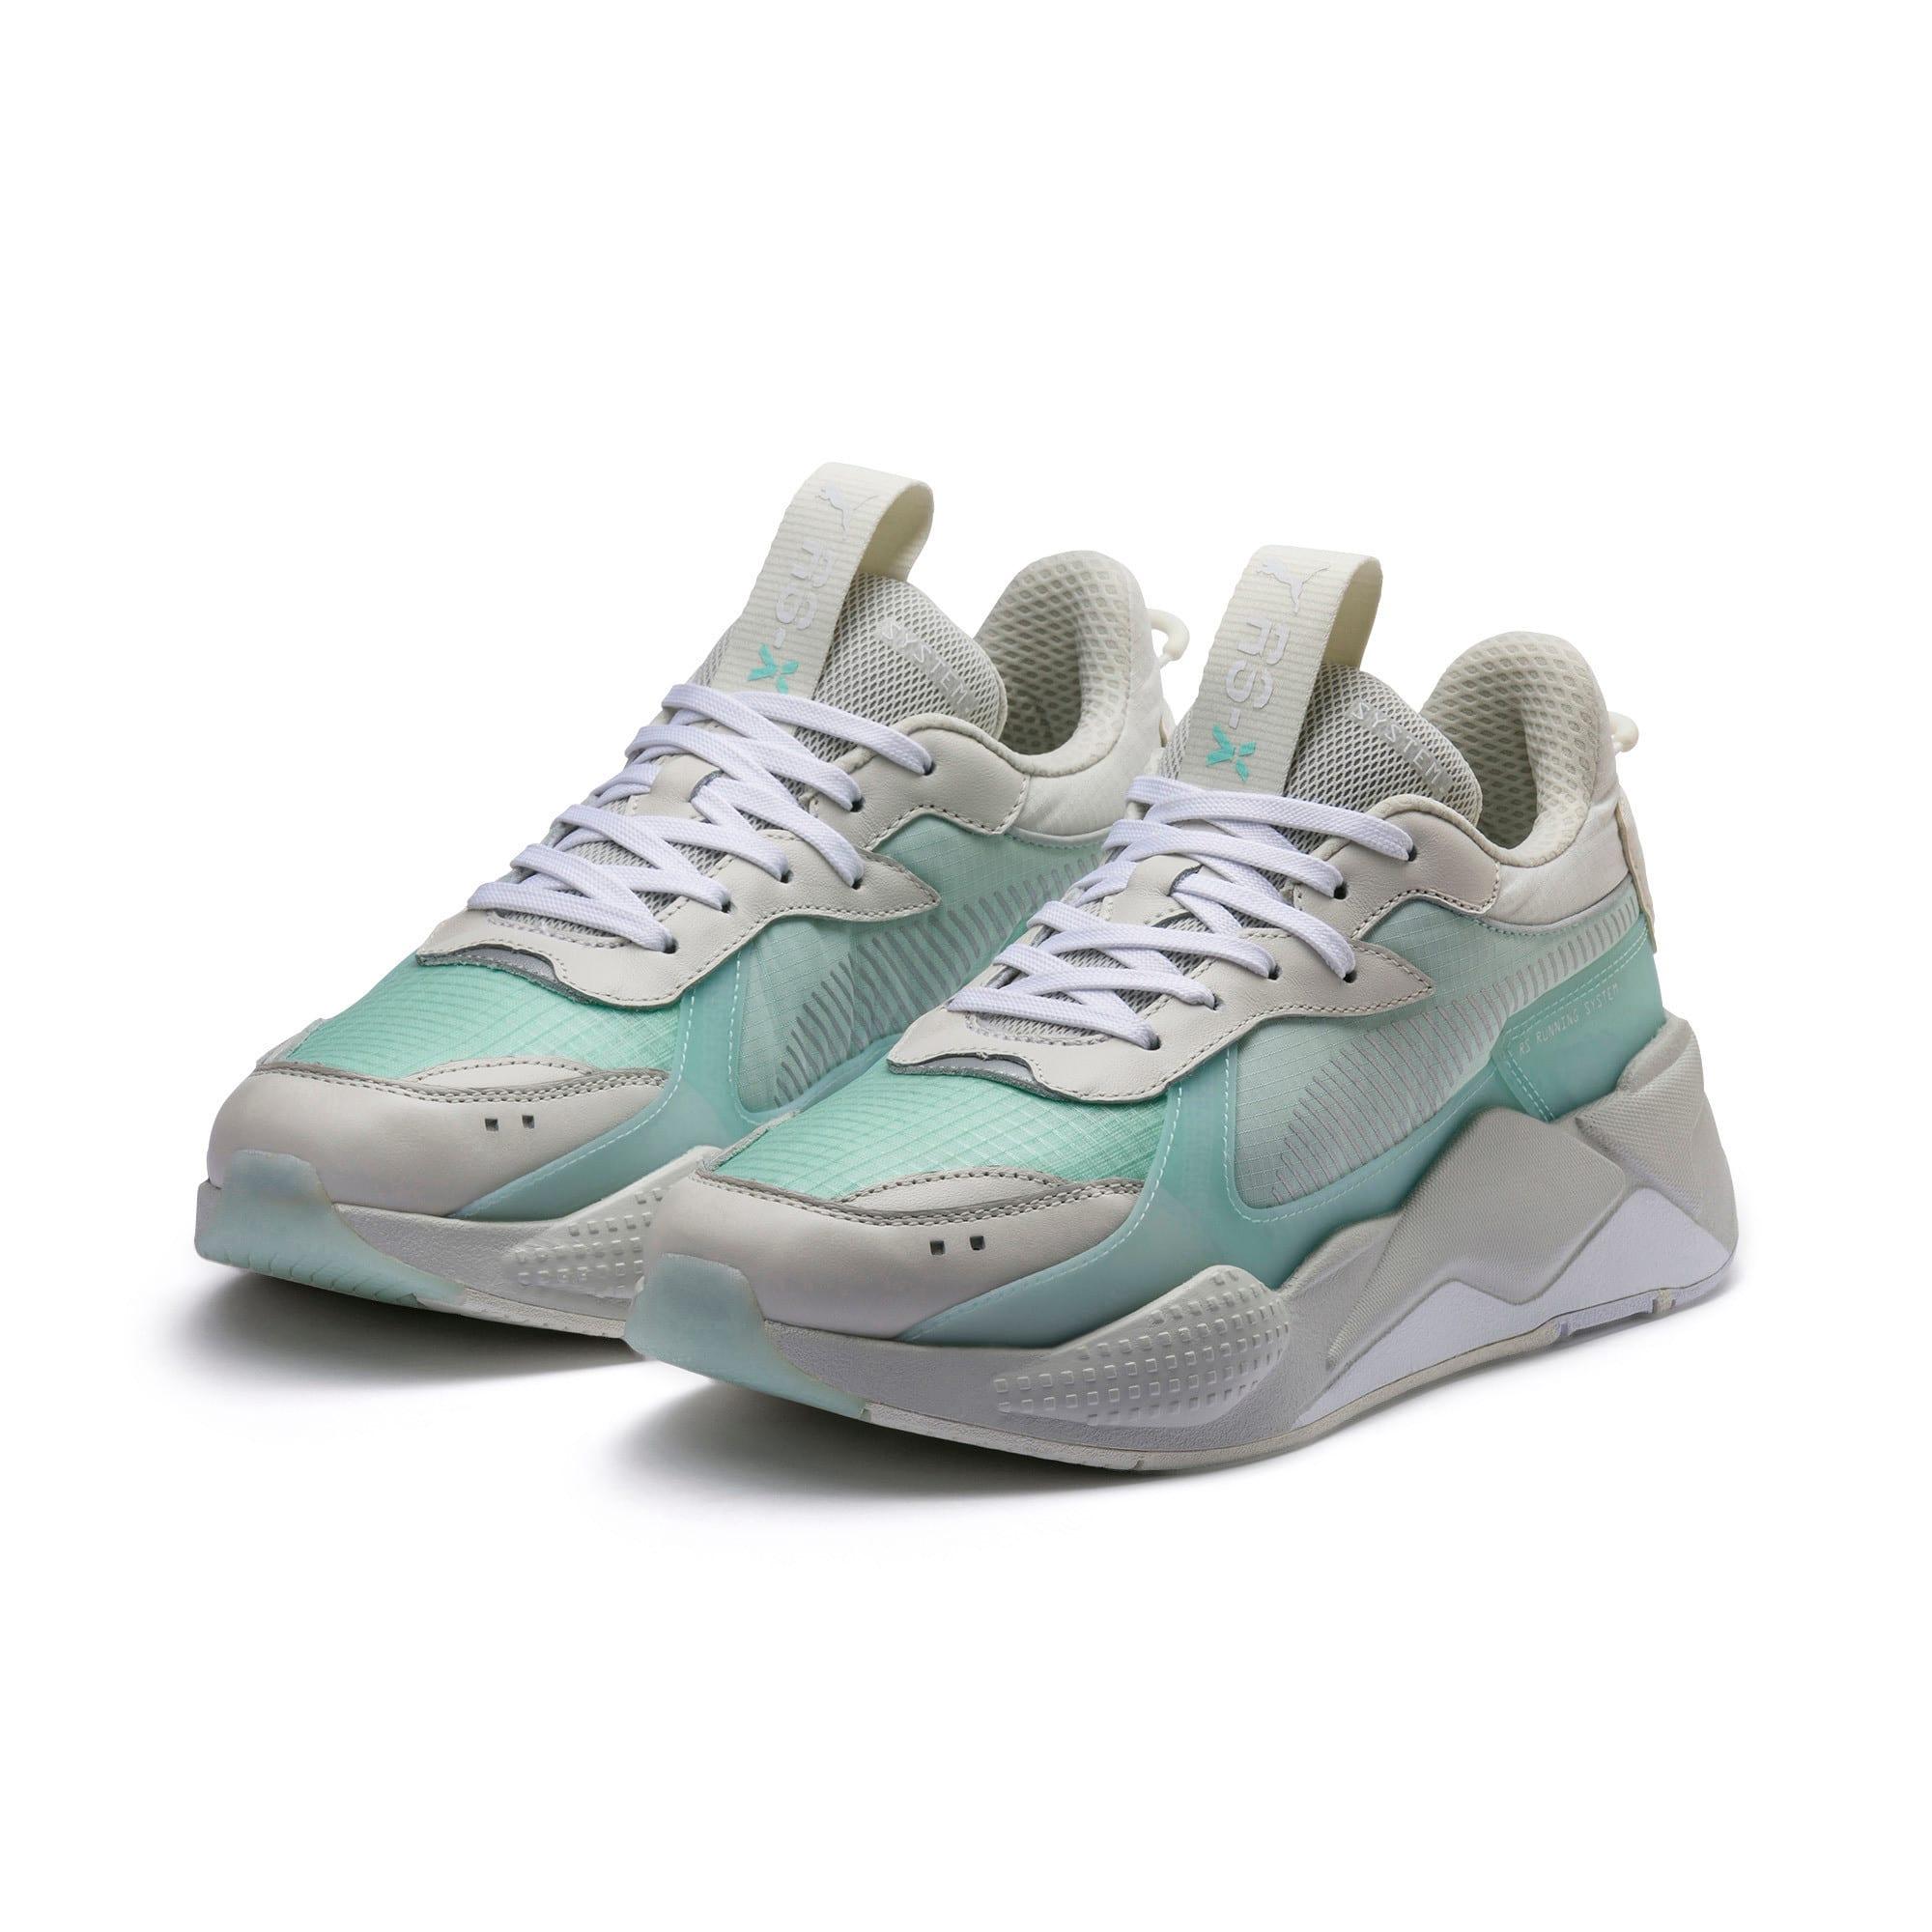 Thumbnail 2 of RS-X Tech Sneaker, Vaporous Gray-Fair Aqua, medium